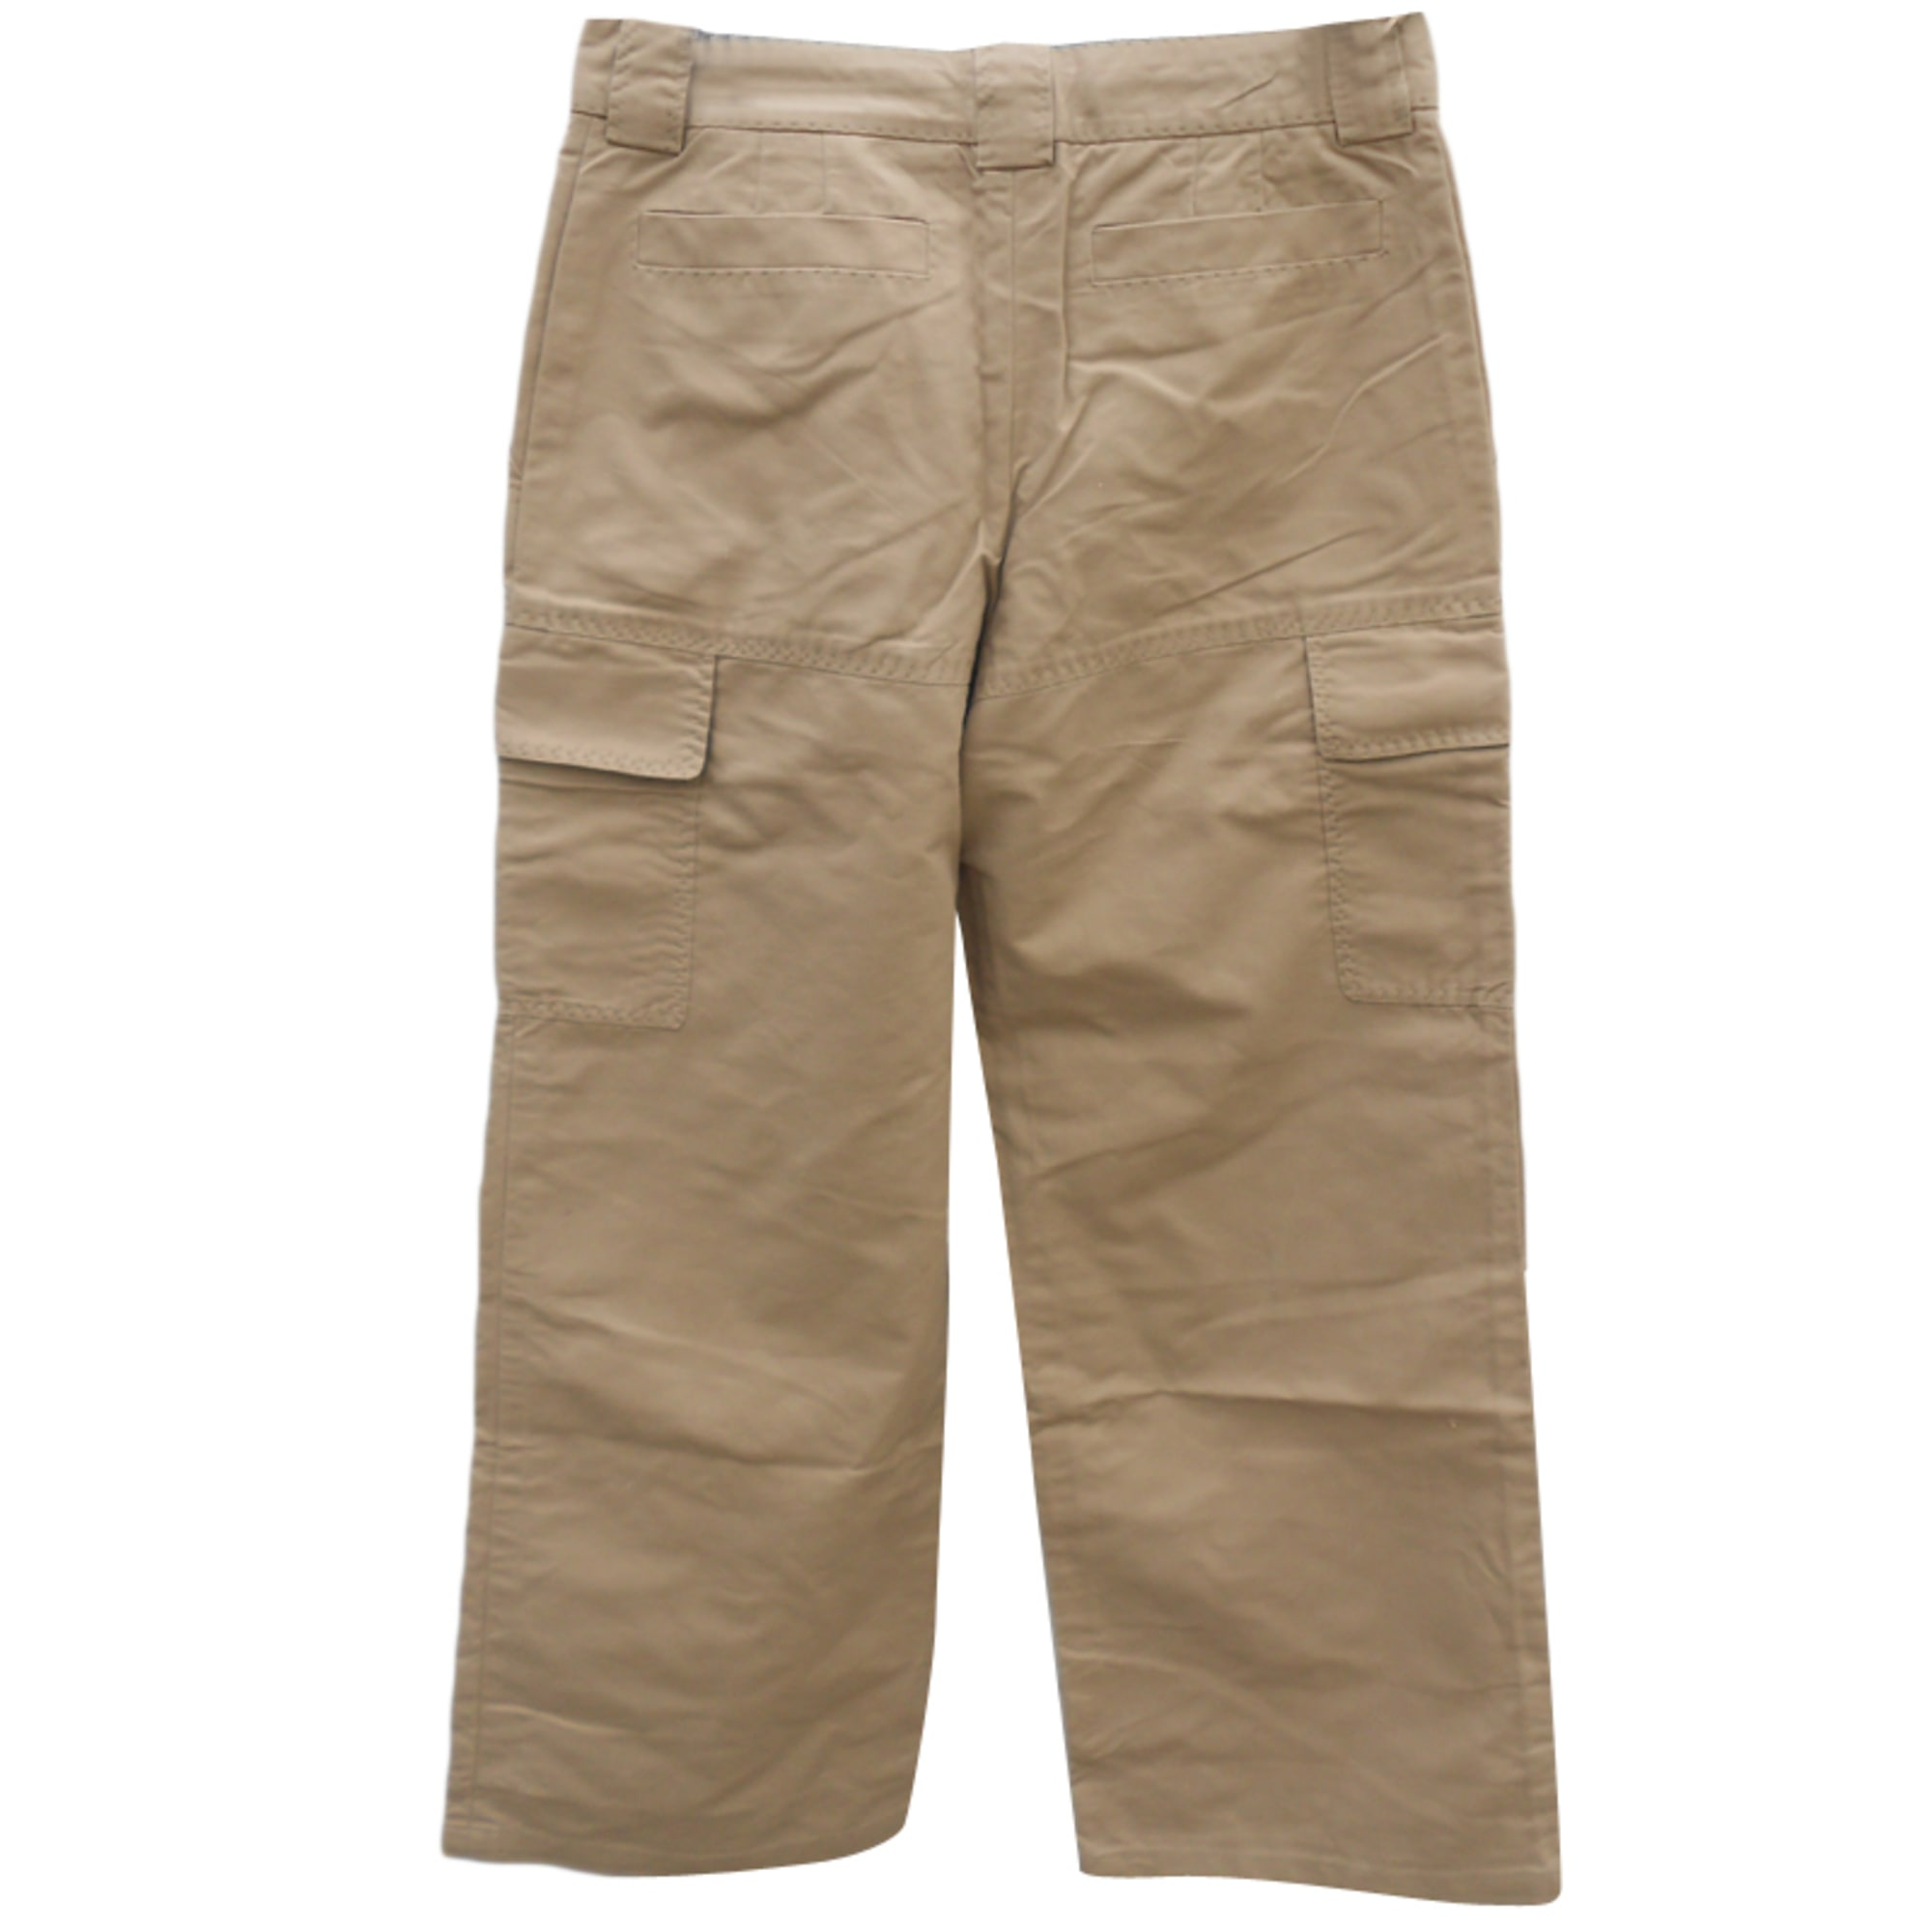 Pantalon large LOUIS VUITTON Beige, camel